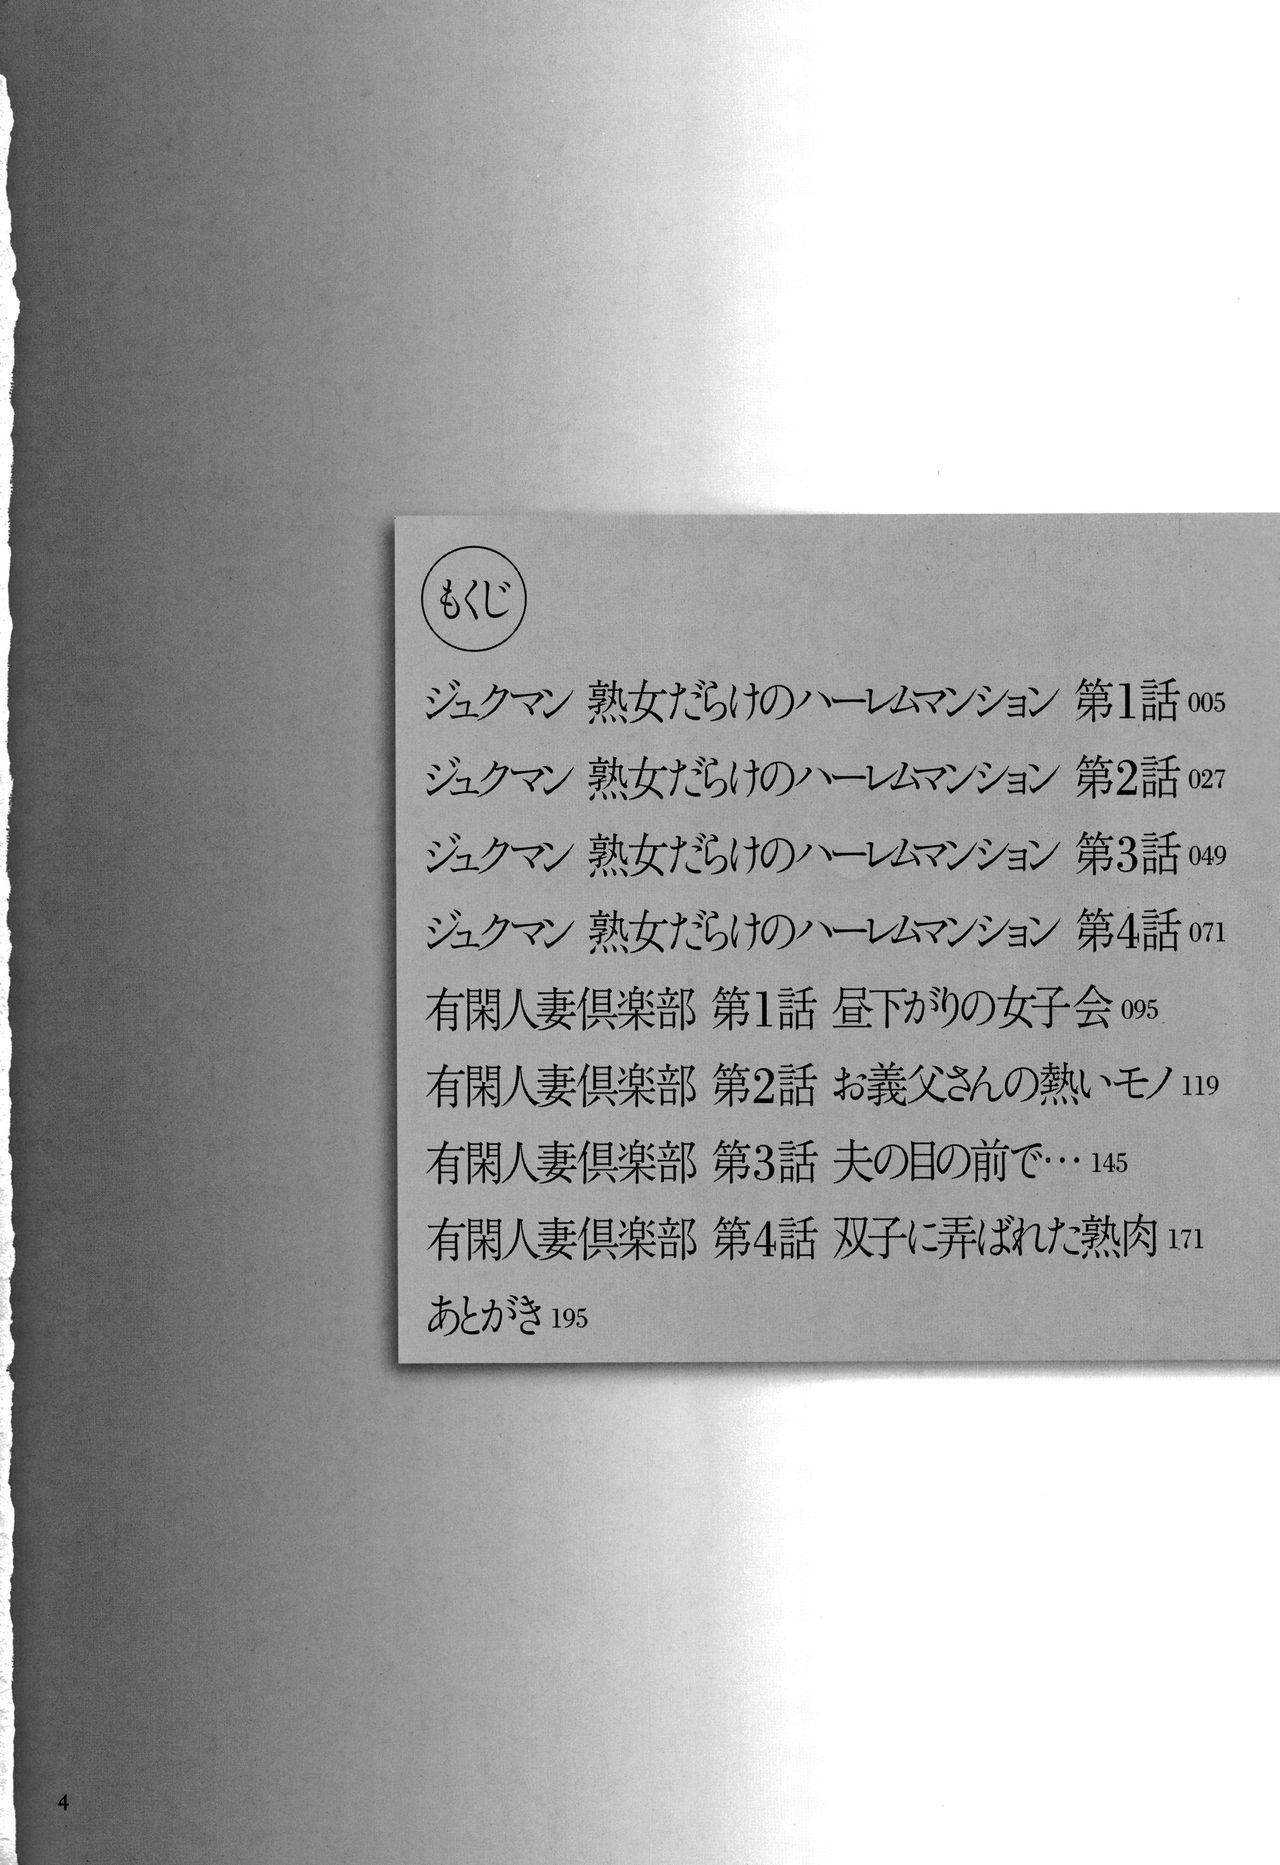 Oba-san dakedo, Daite Hoshii. 4